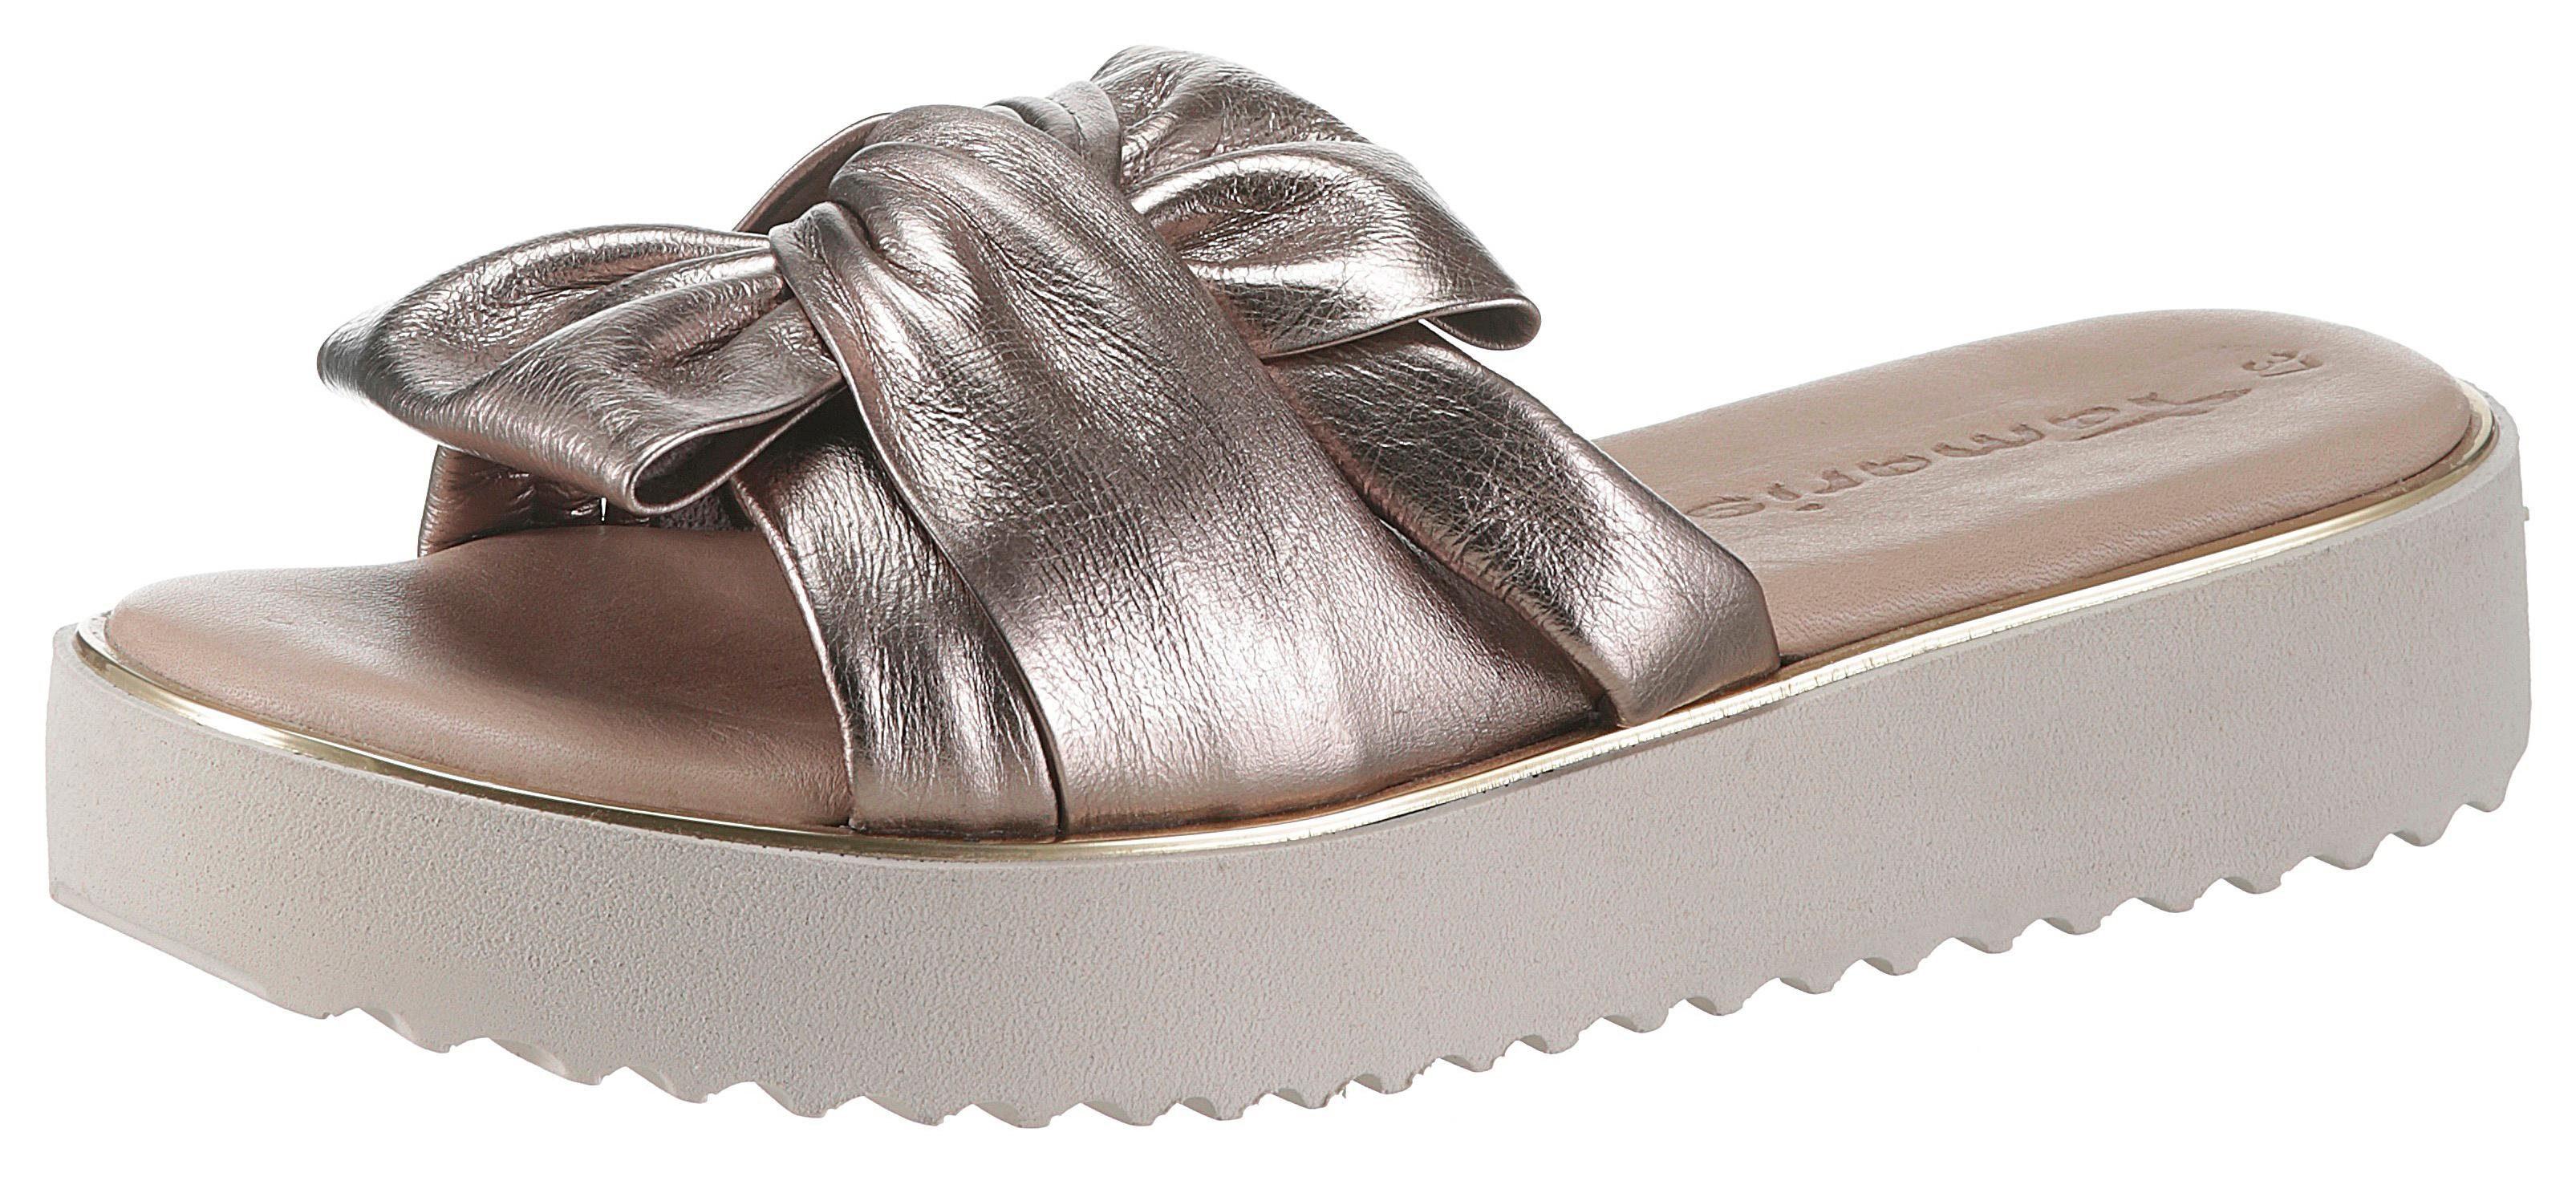 Tamaris Pantolette im schönen Metallic Look kaufen | OTTO